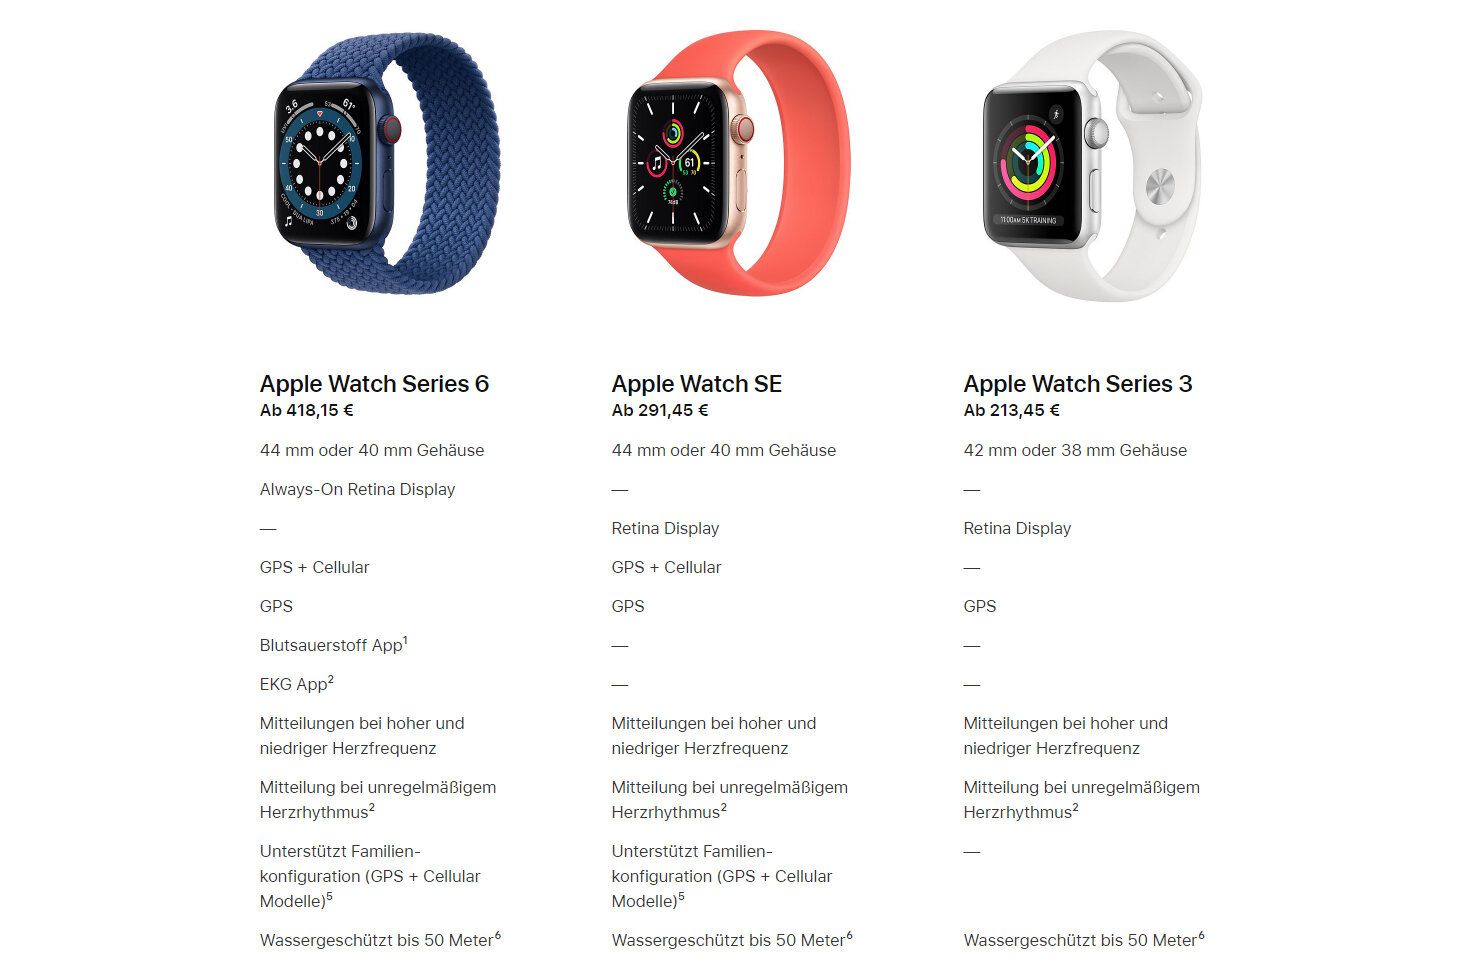 Varianten der Apple Watch